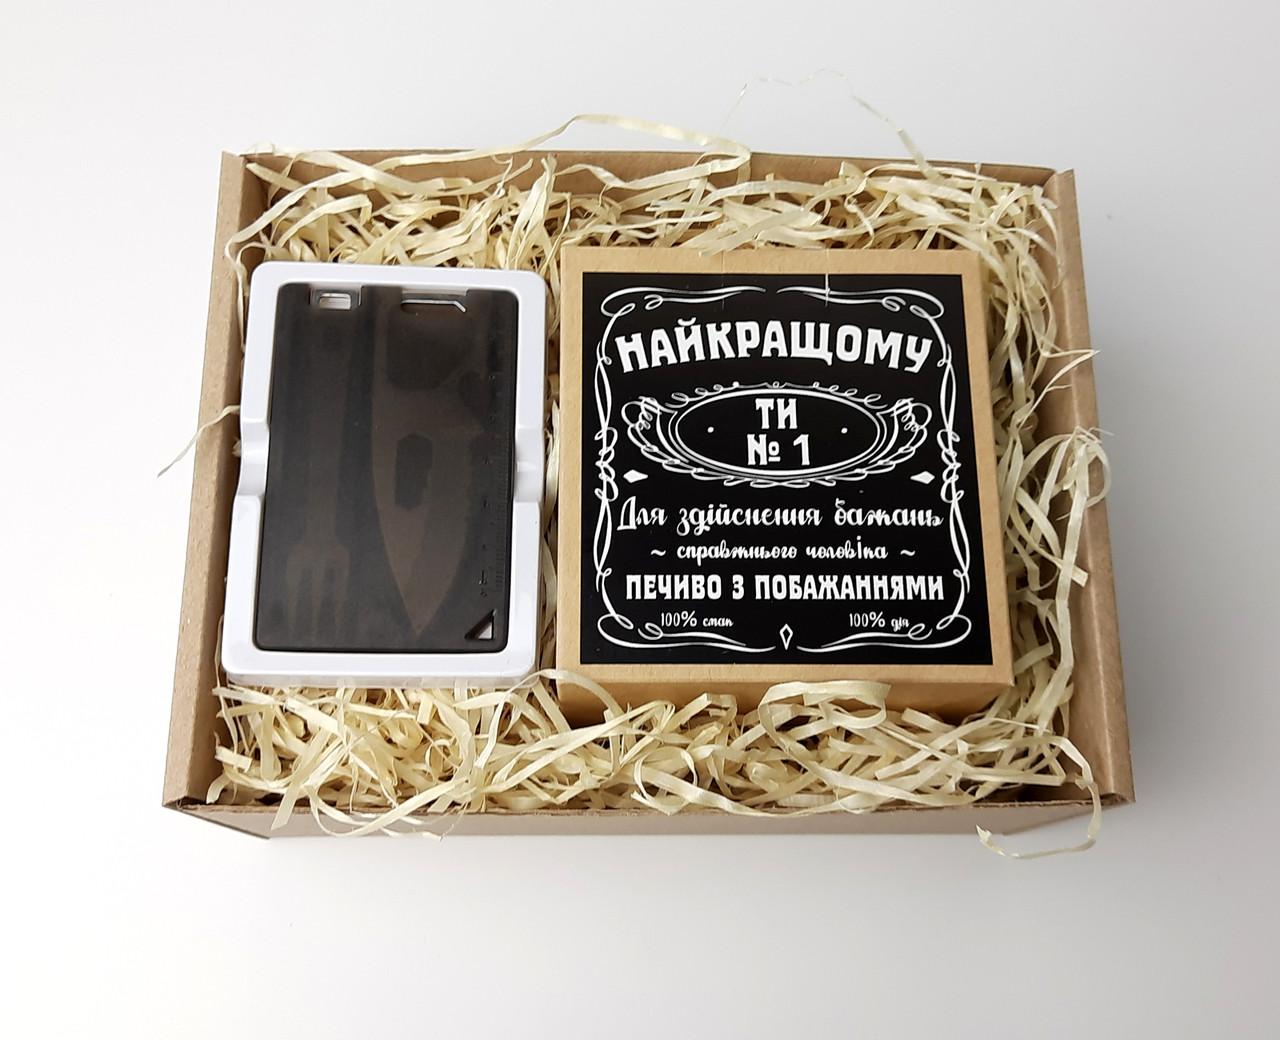 """Подарок для мужчины """"Мужской минимум"""": мультитул-кредитка и печенье с пожеланиями с стиле виски """"Джек Дениелс"""""""